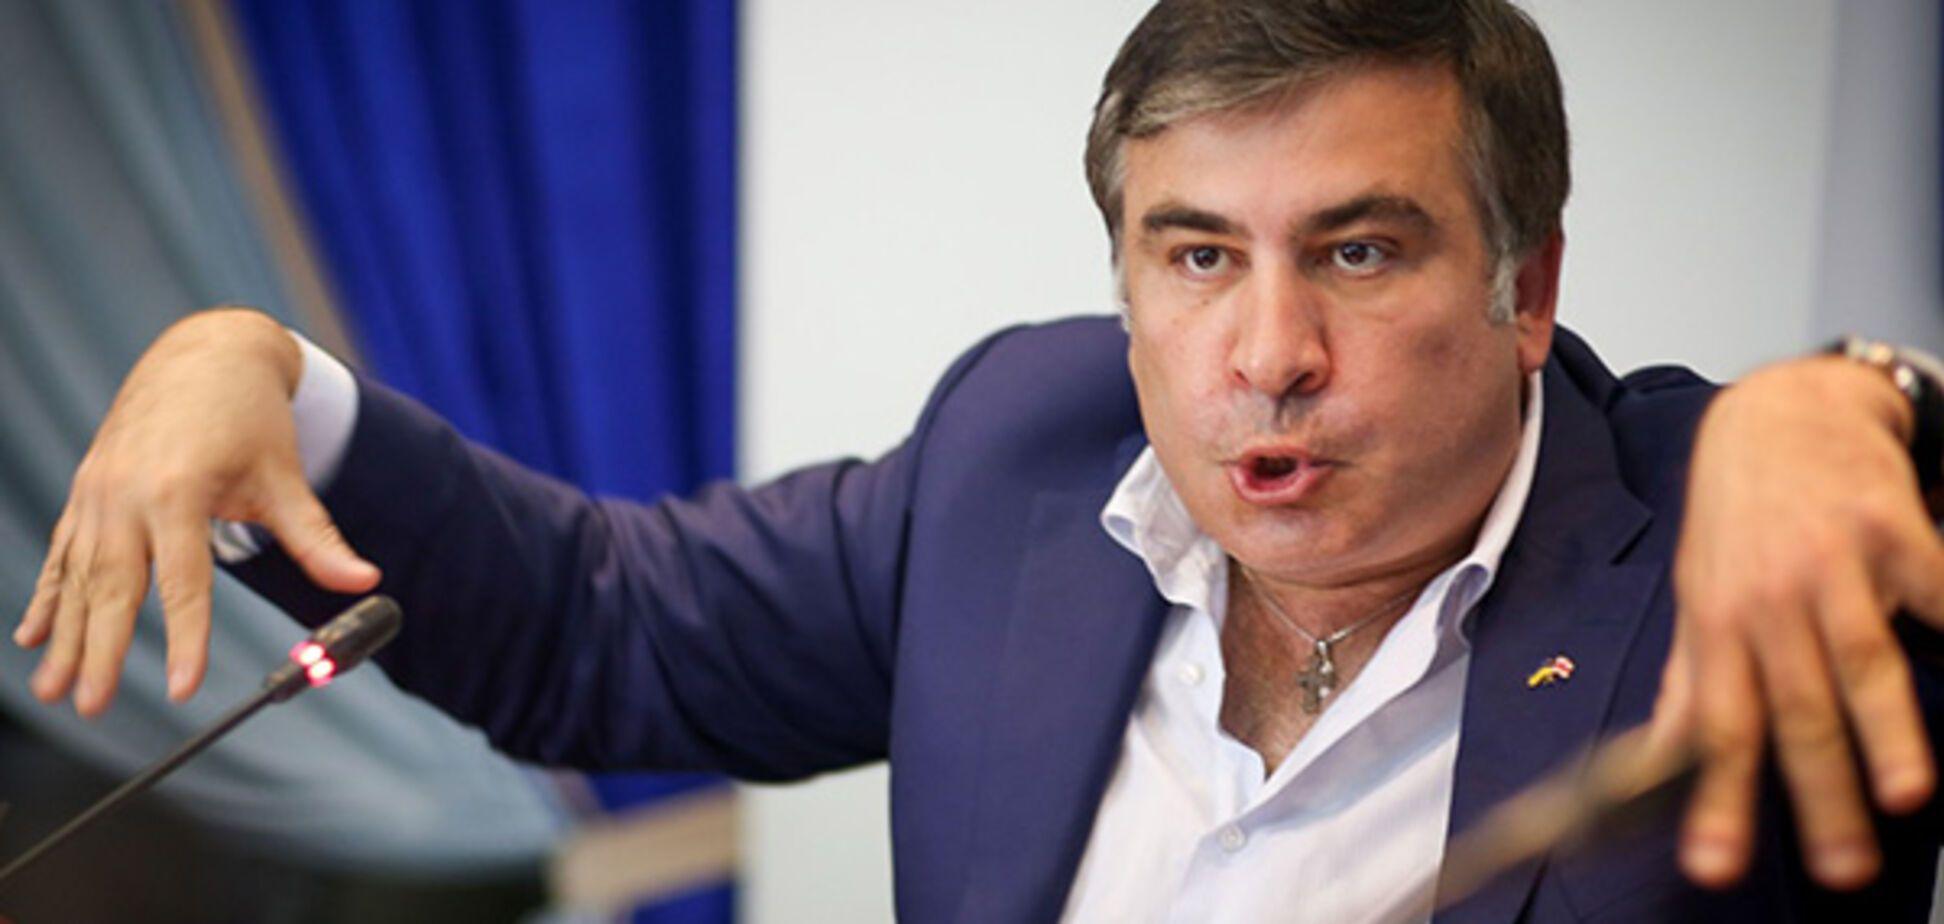 За Саакашвили стоит очень большая мафия - Какабадзе